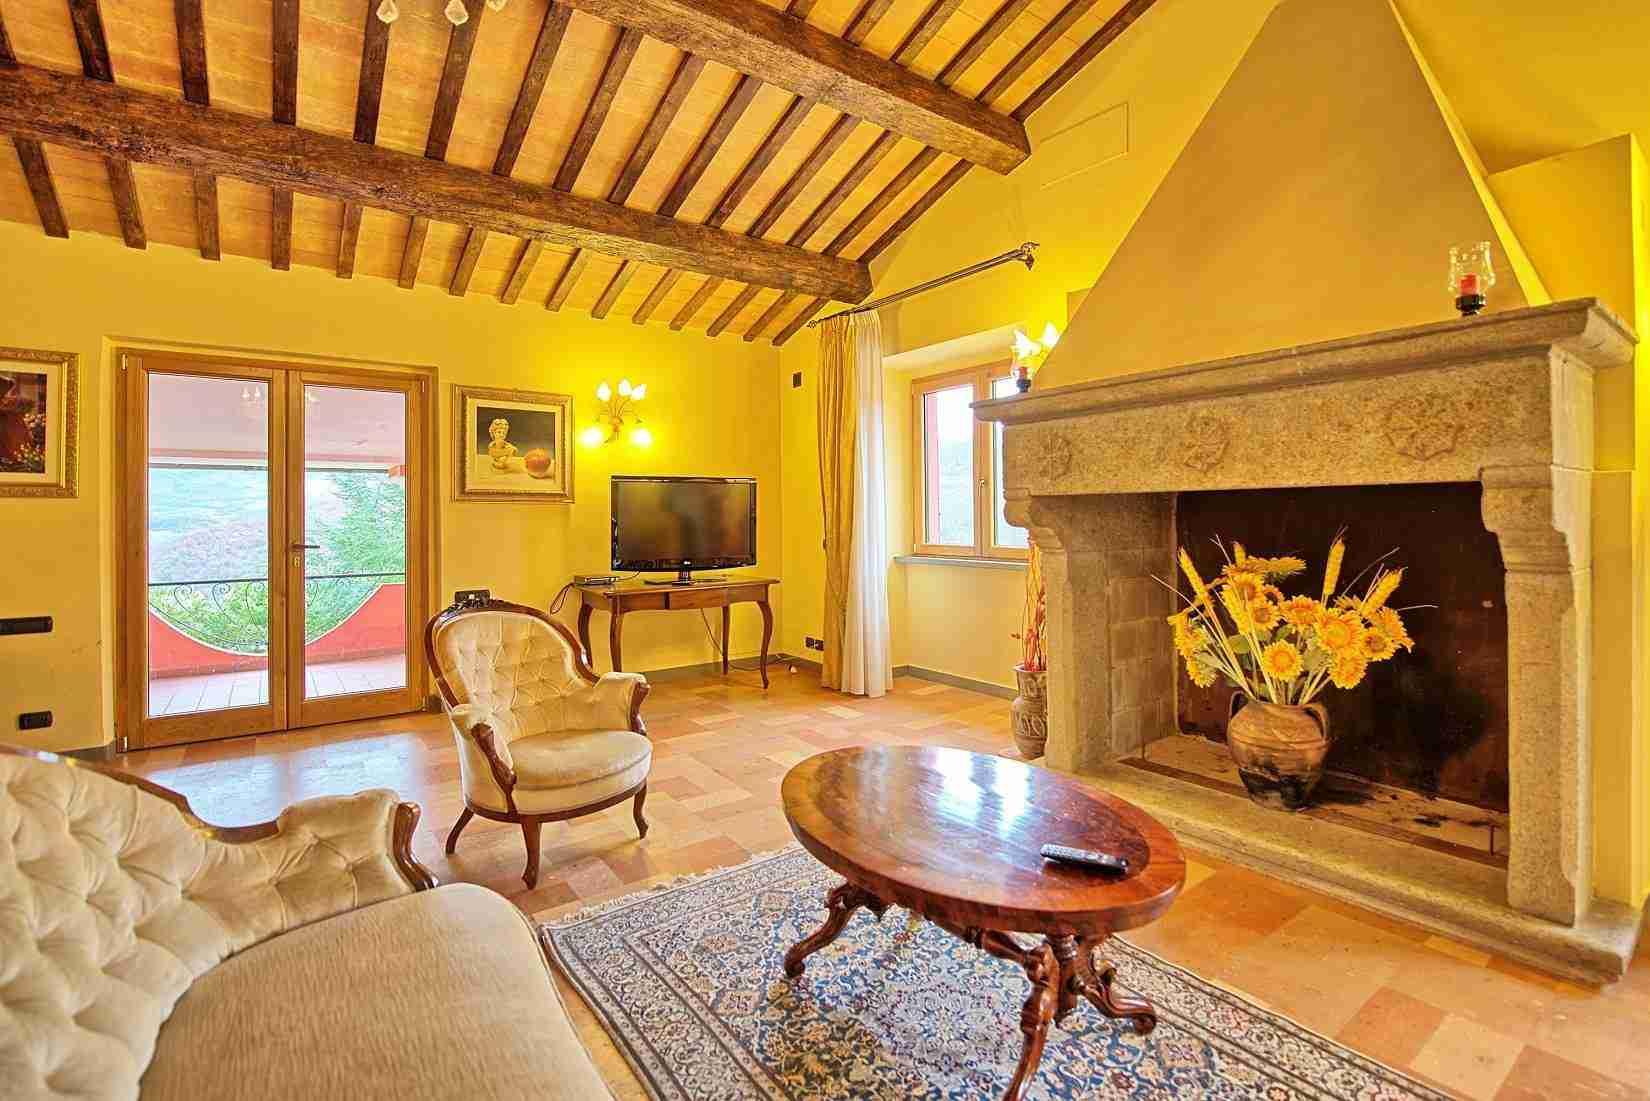 17 Etruria fireplace